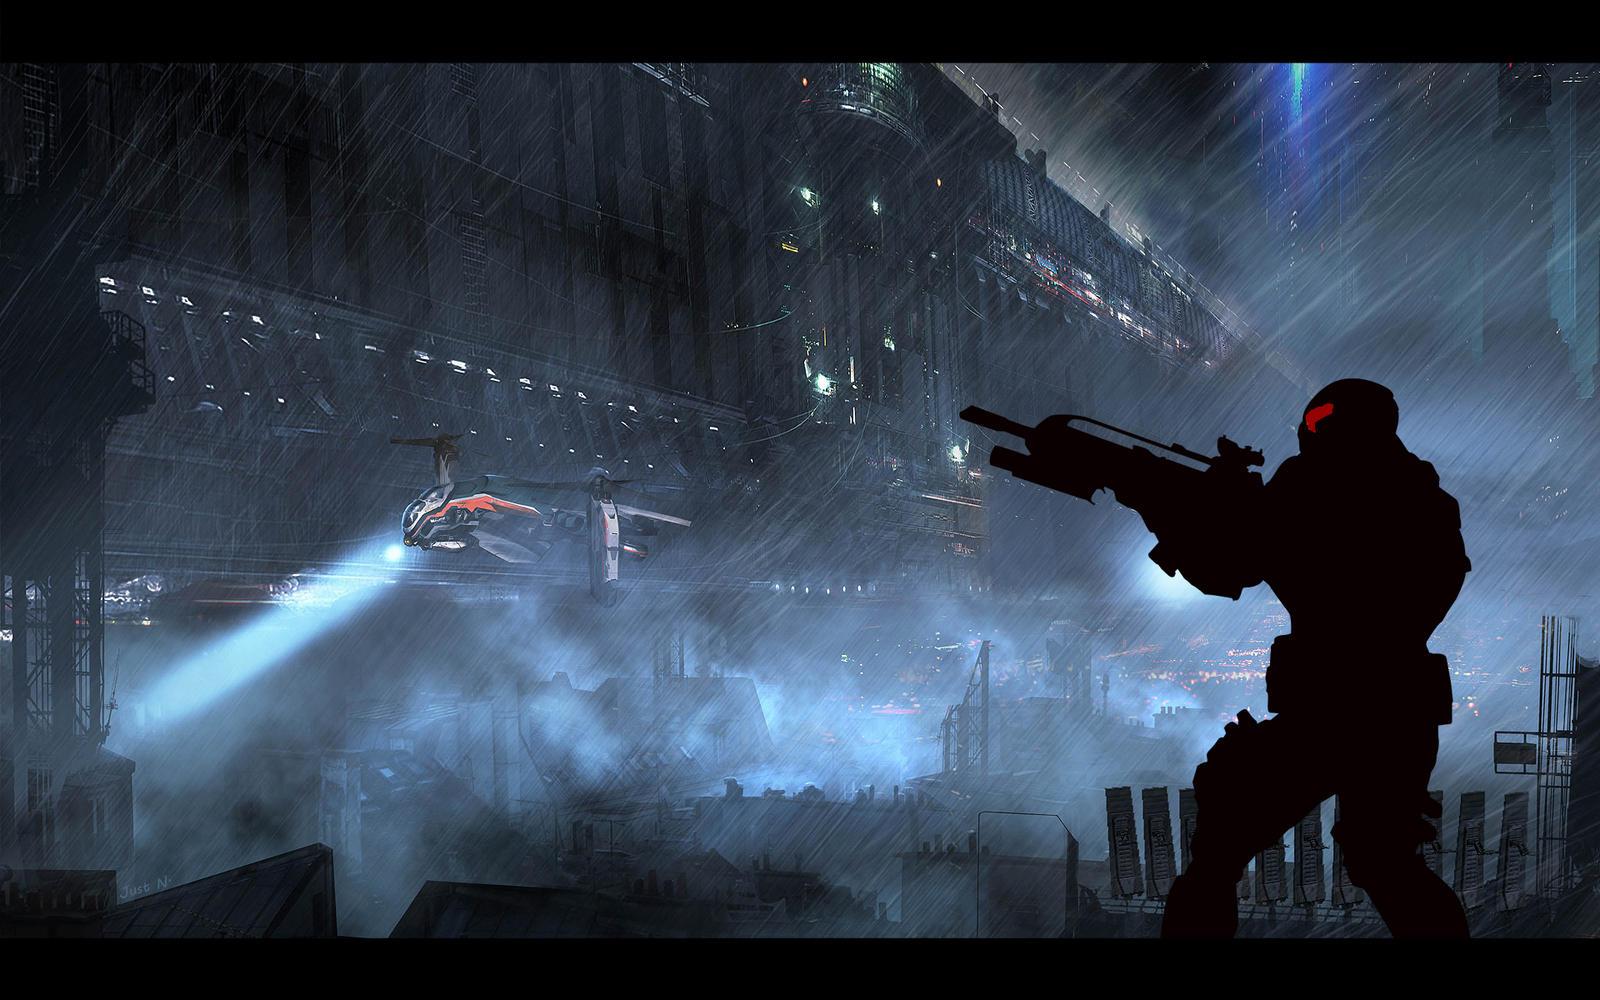 Nano Suit Crysis 3 By NikitaIgnatov On DeviantArt